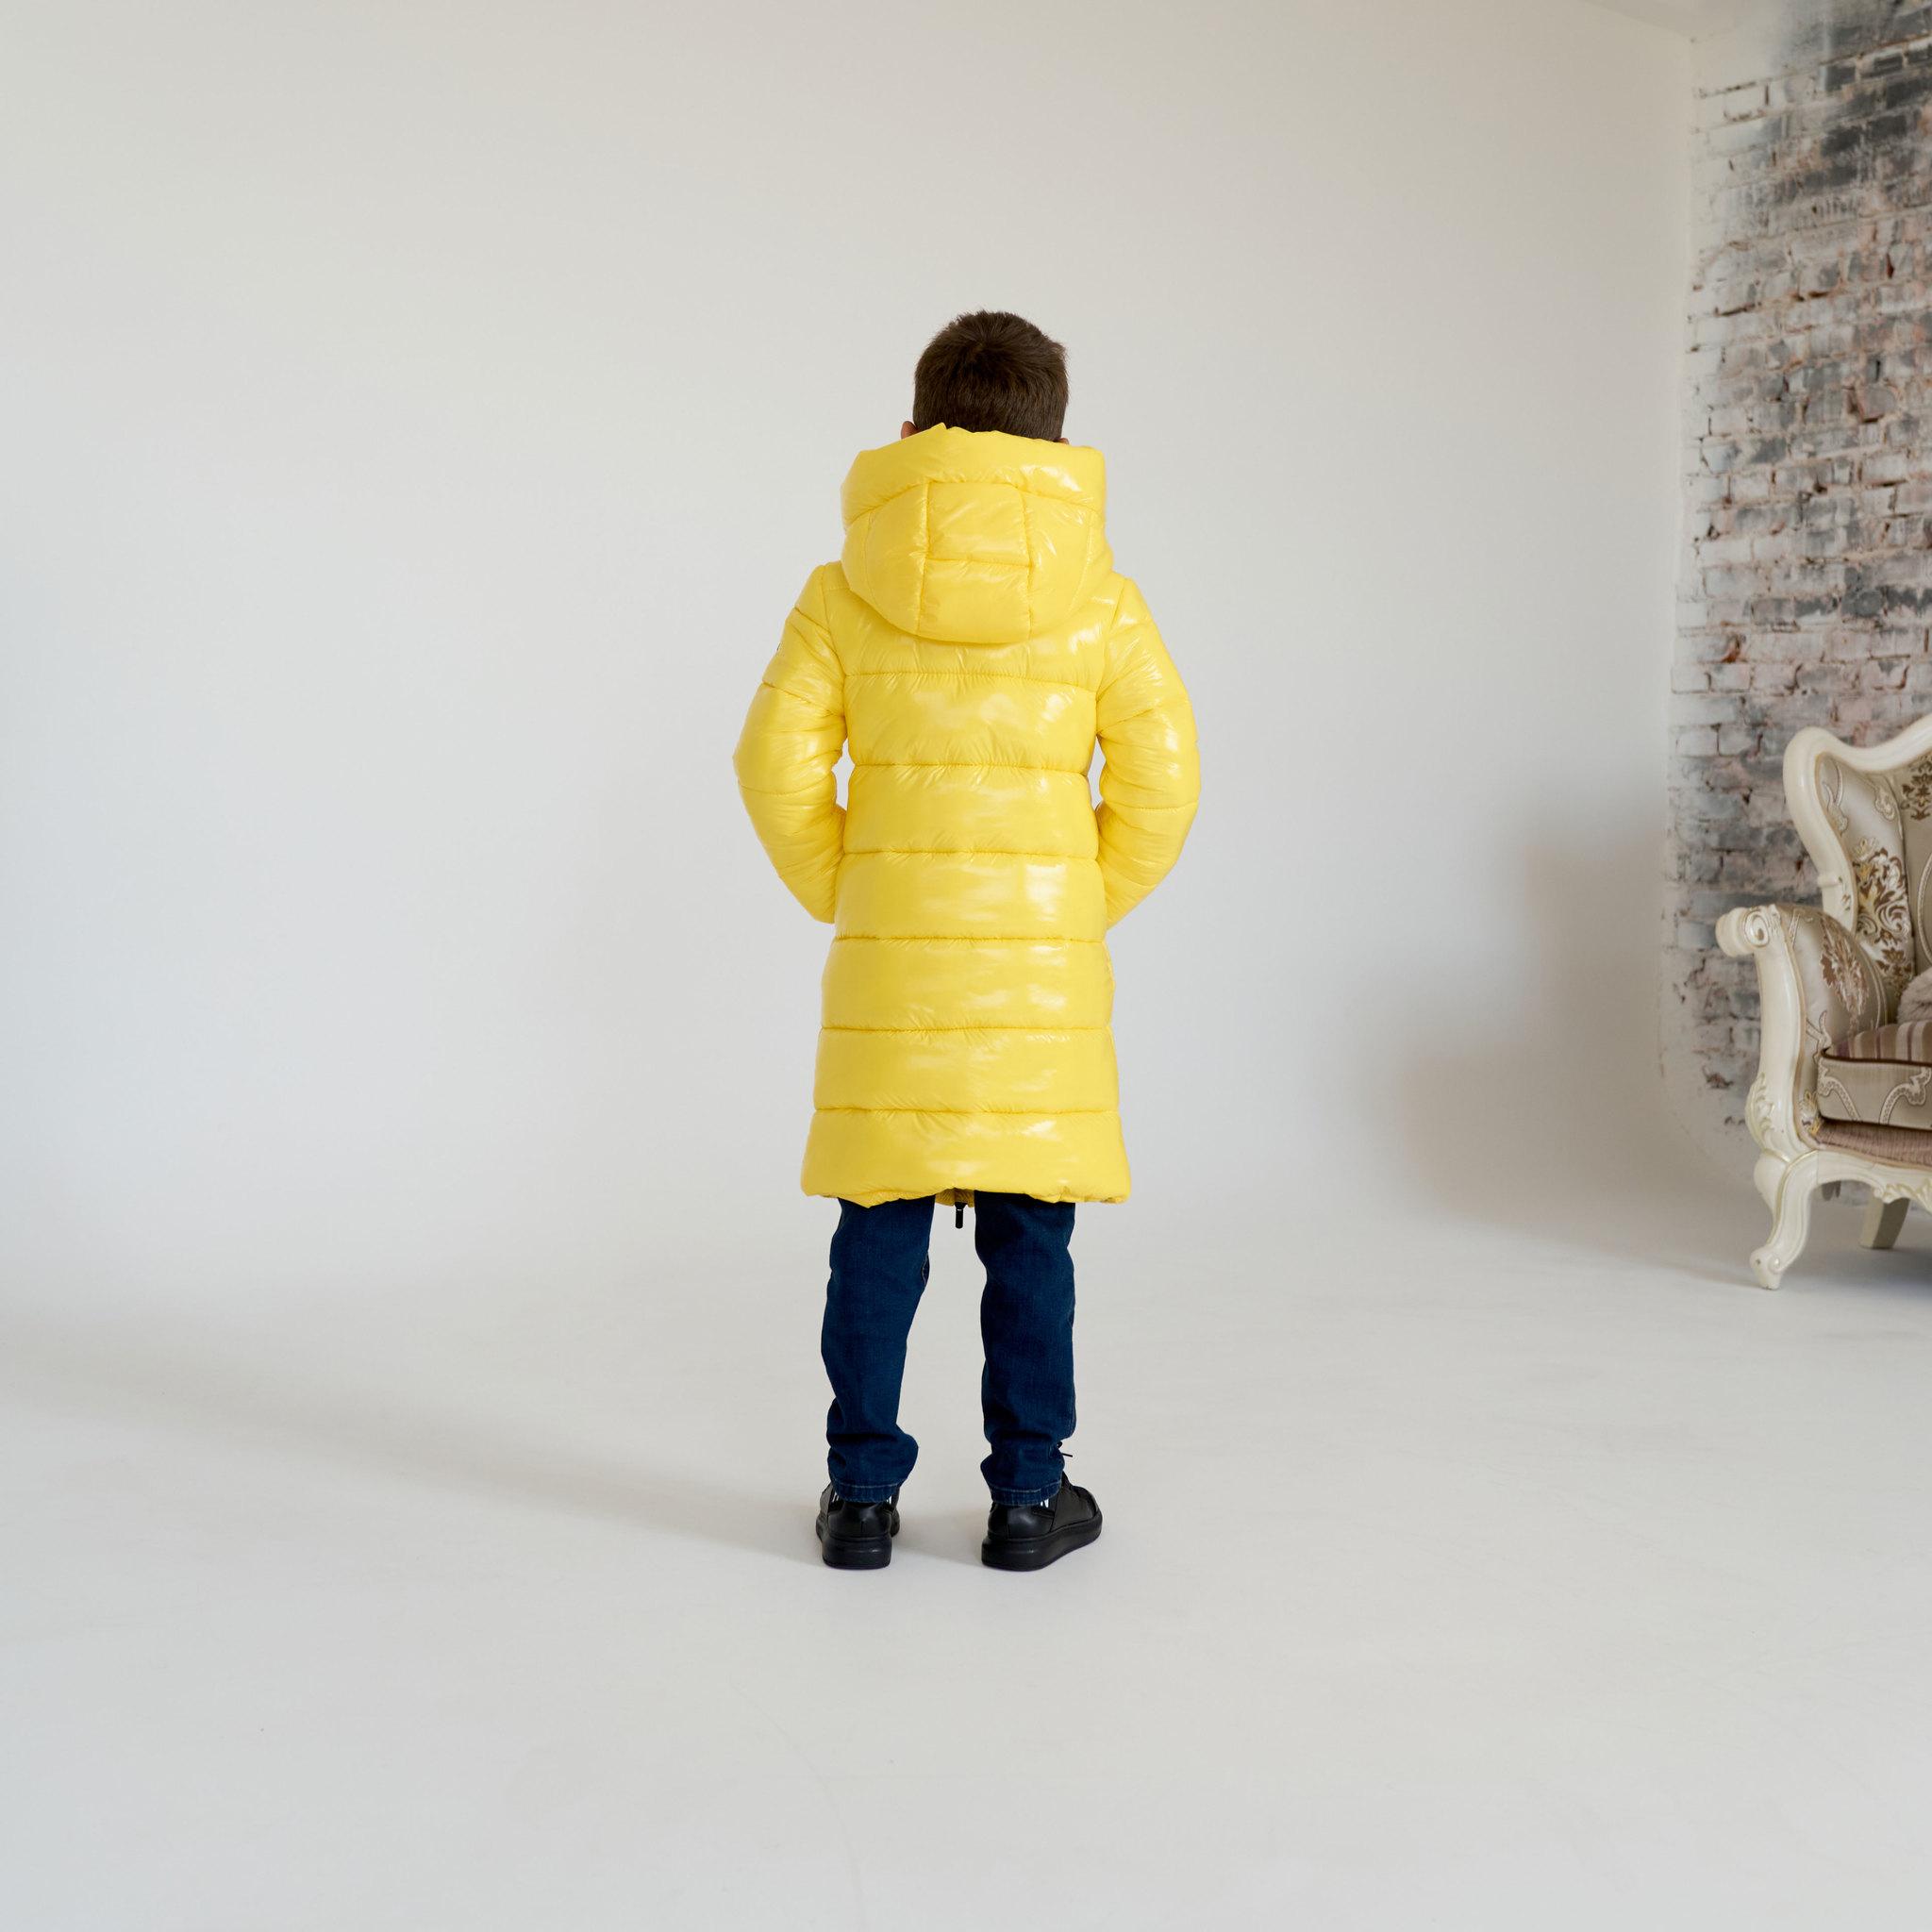 Детское, подростковое зимнее пальто для мальчика в желтом цвете